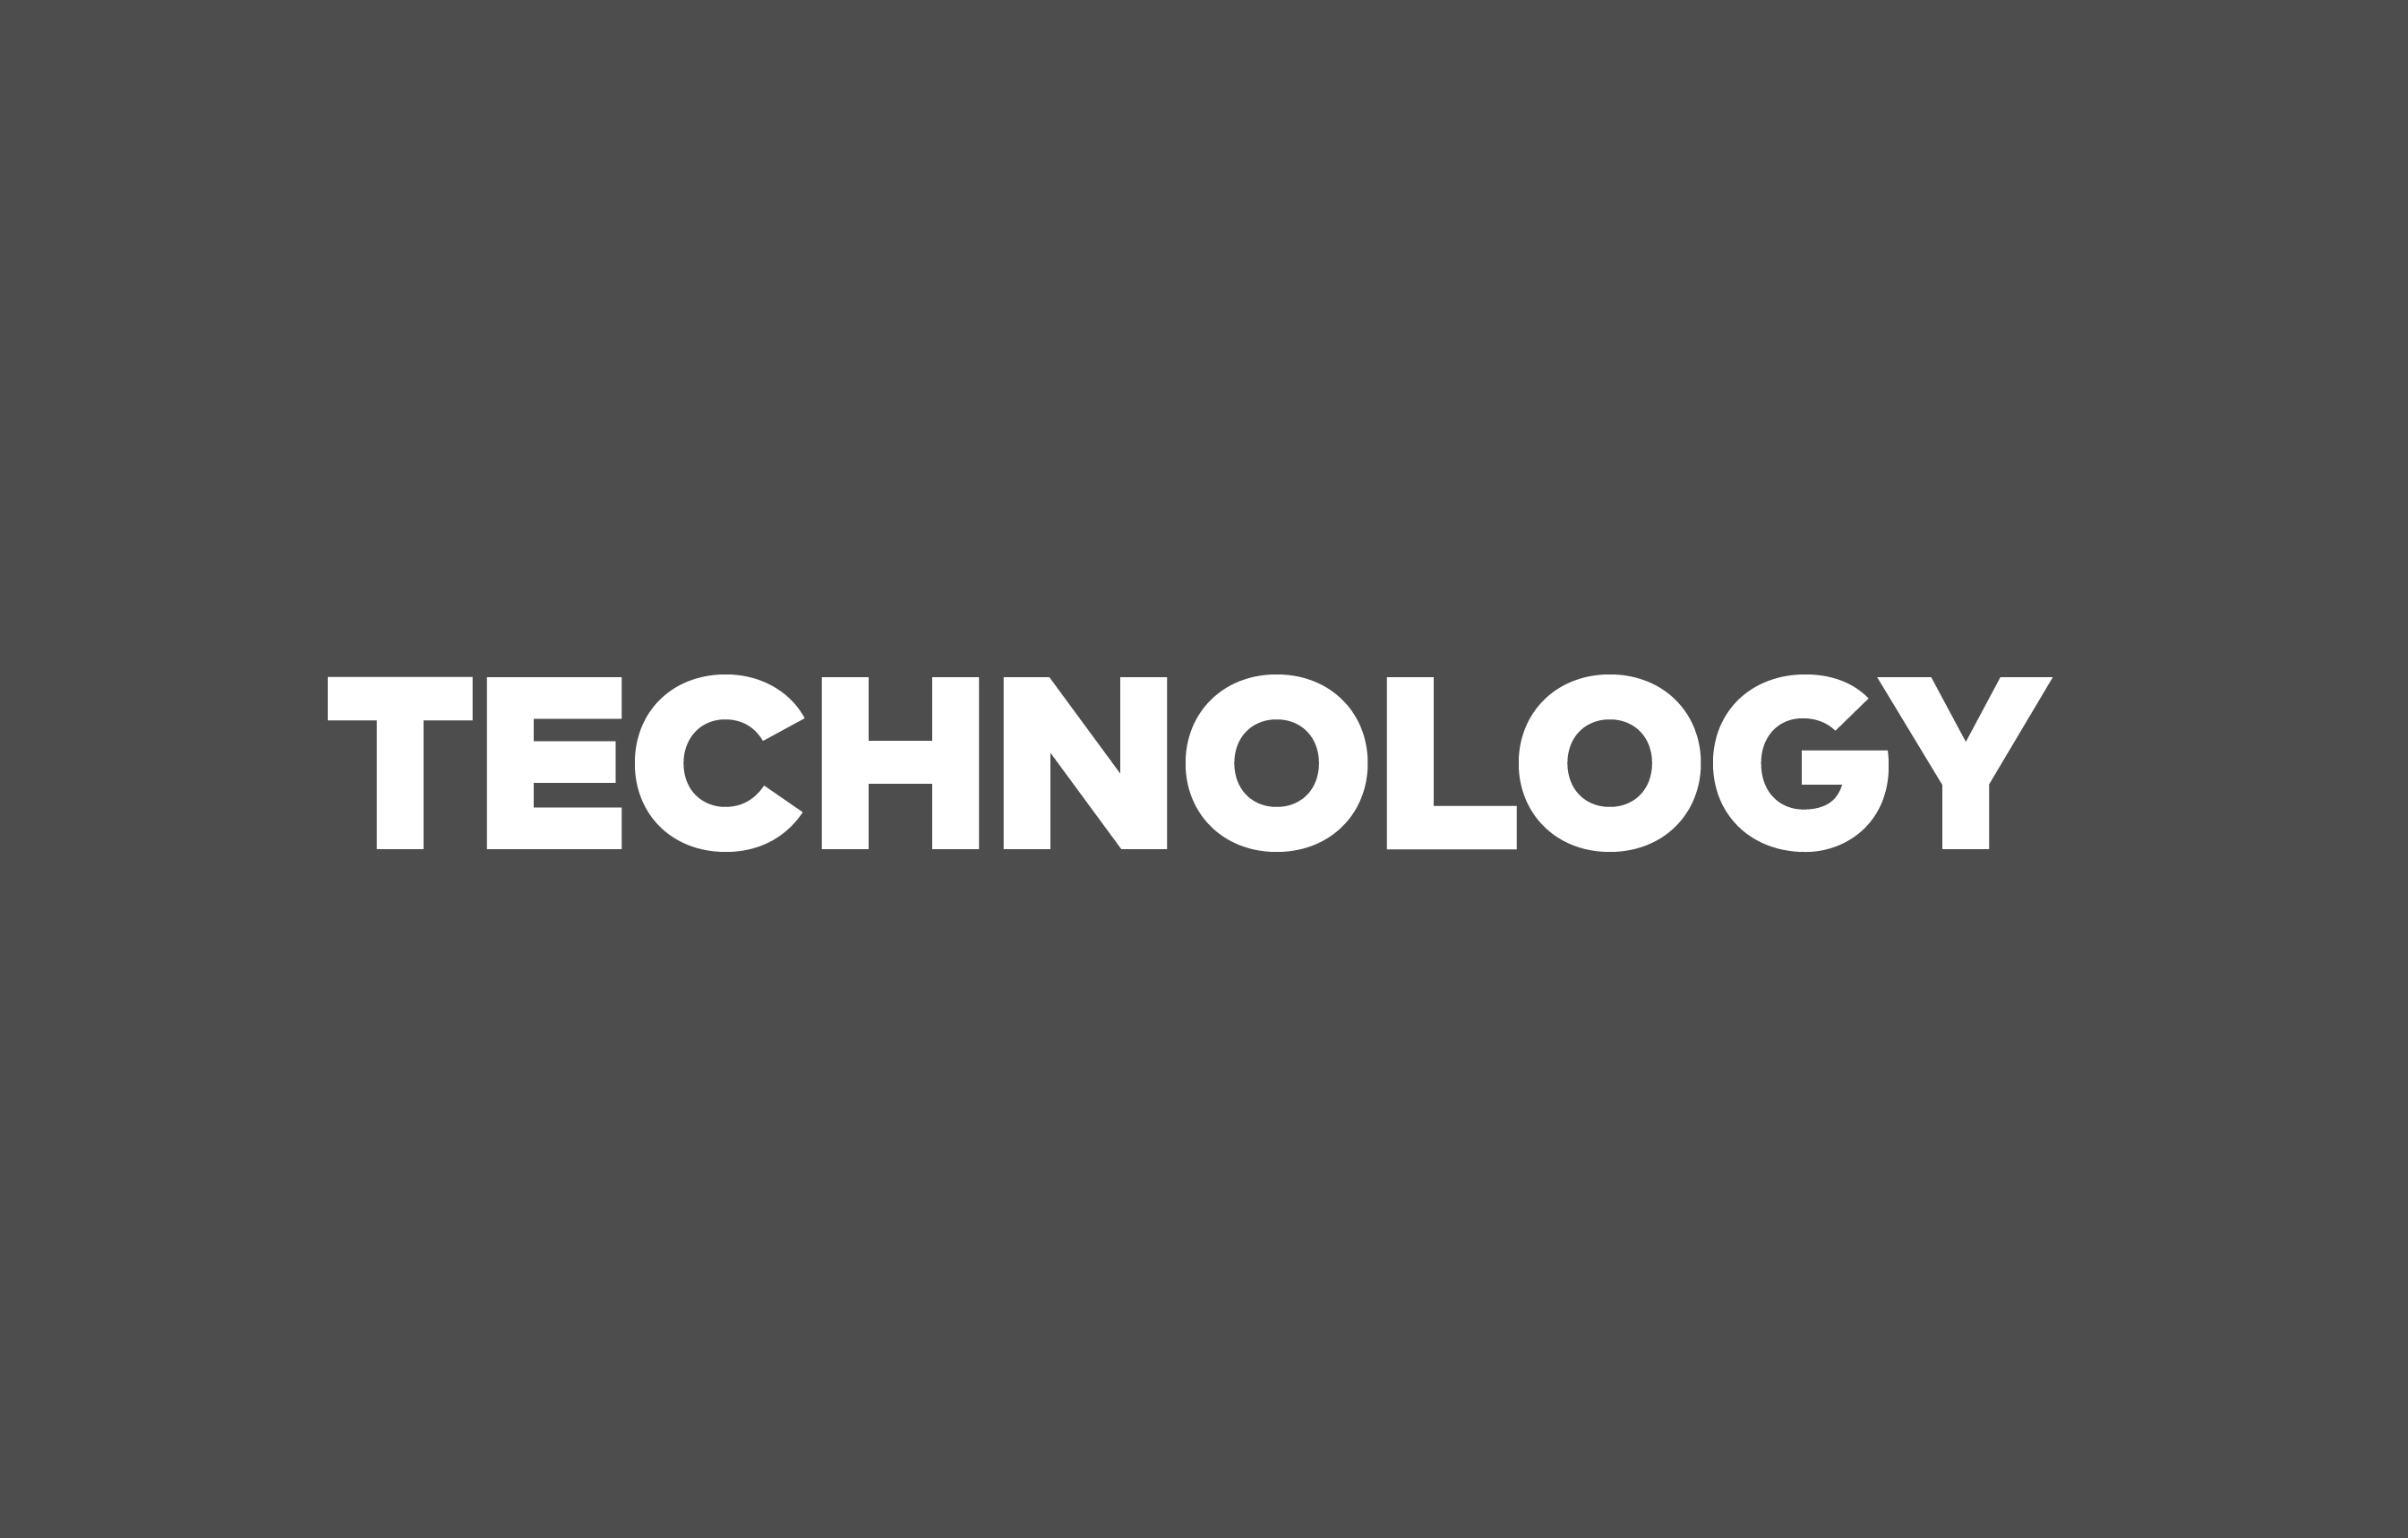 Professionelle Umsetzung technologischer Herausforderungen